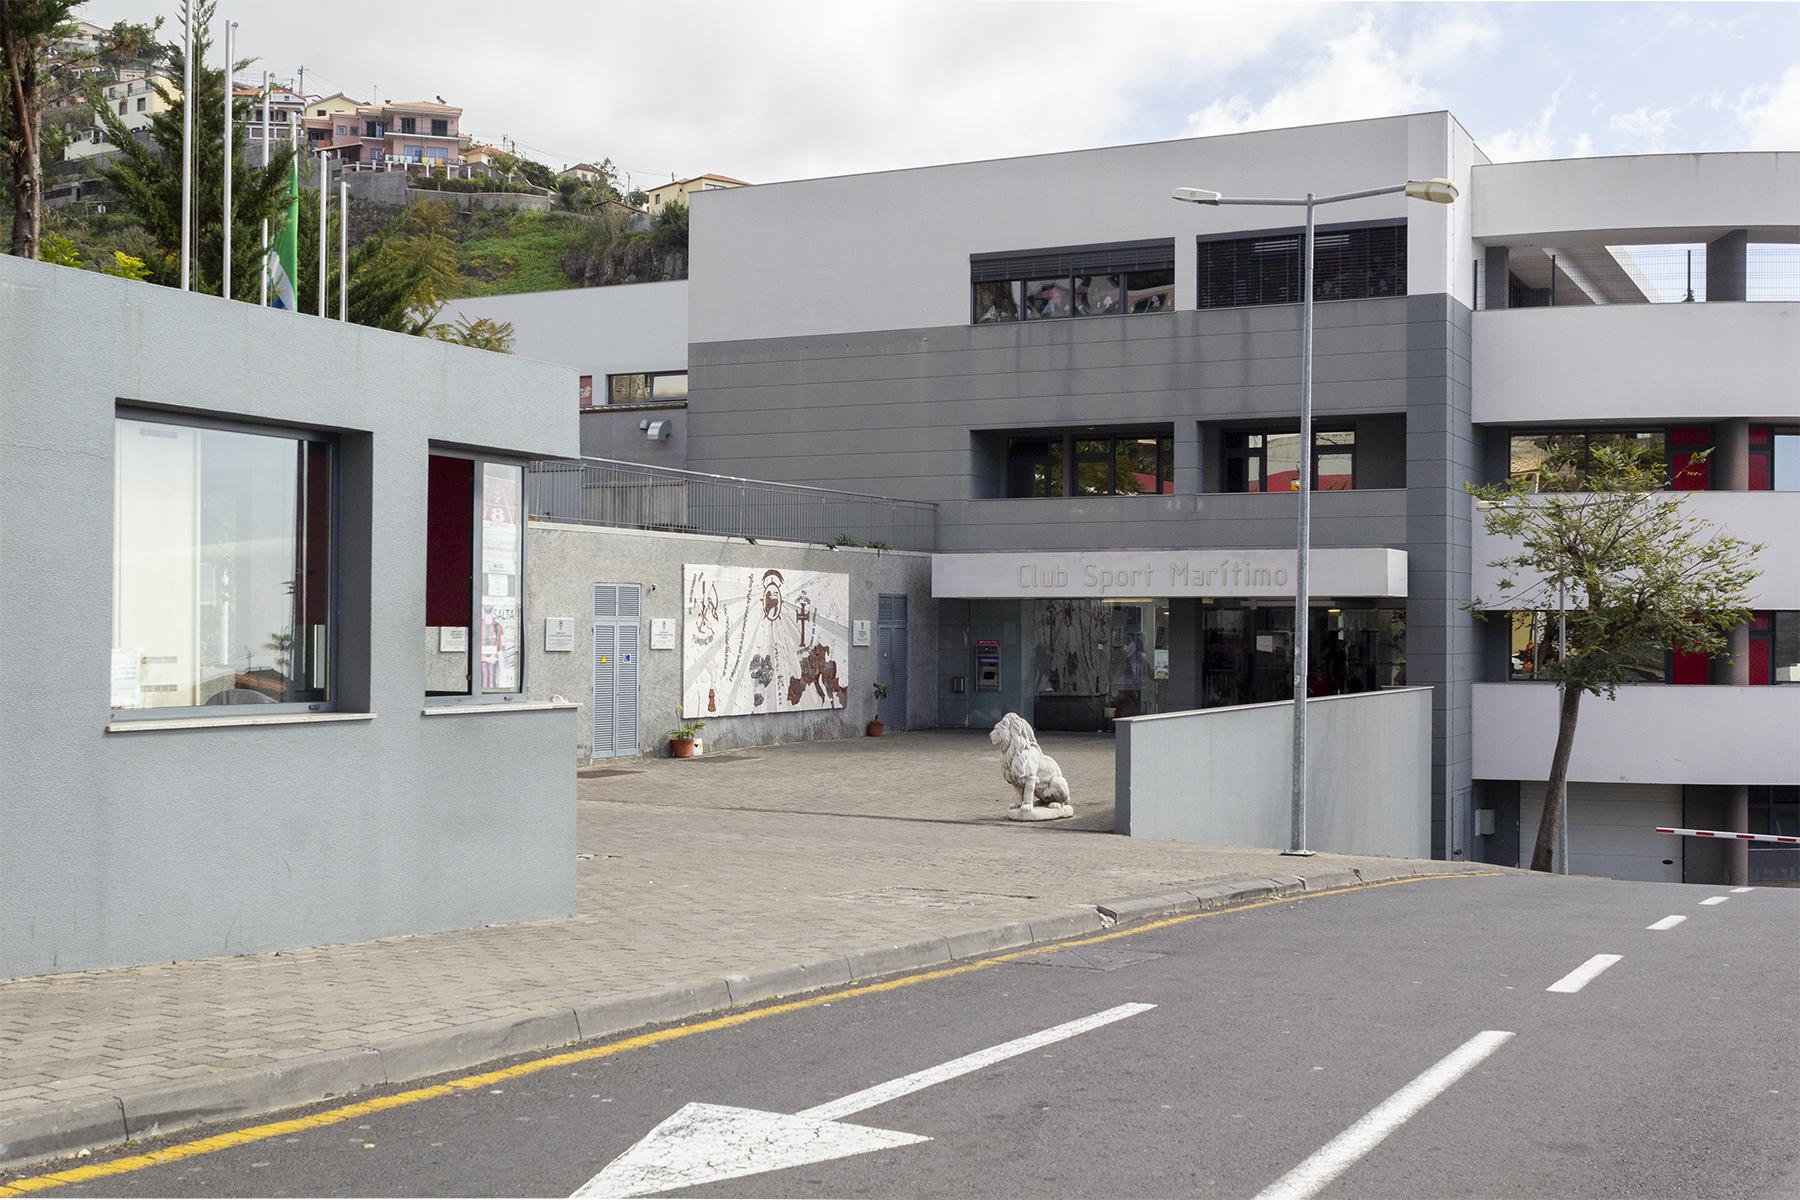 Complexo Desportivo C.S. Marítimo